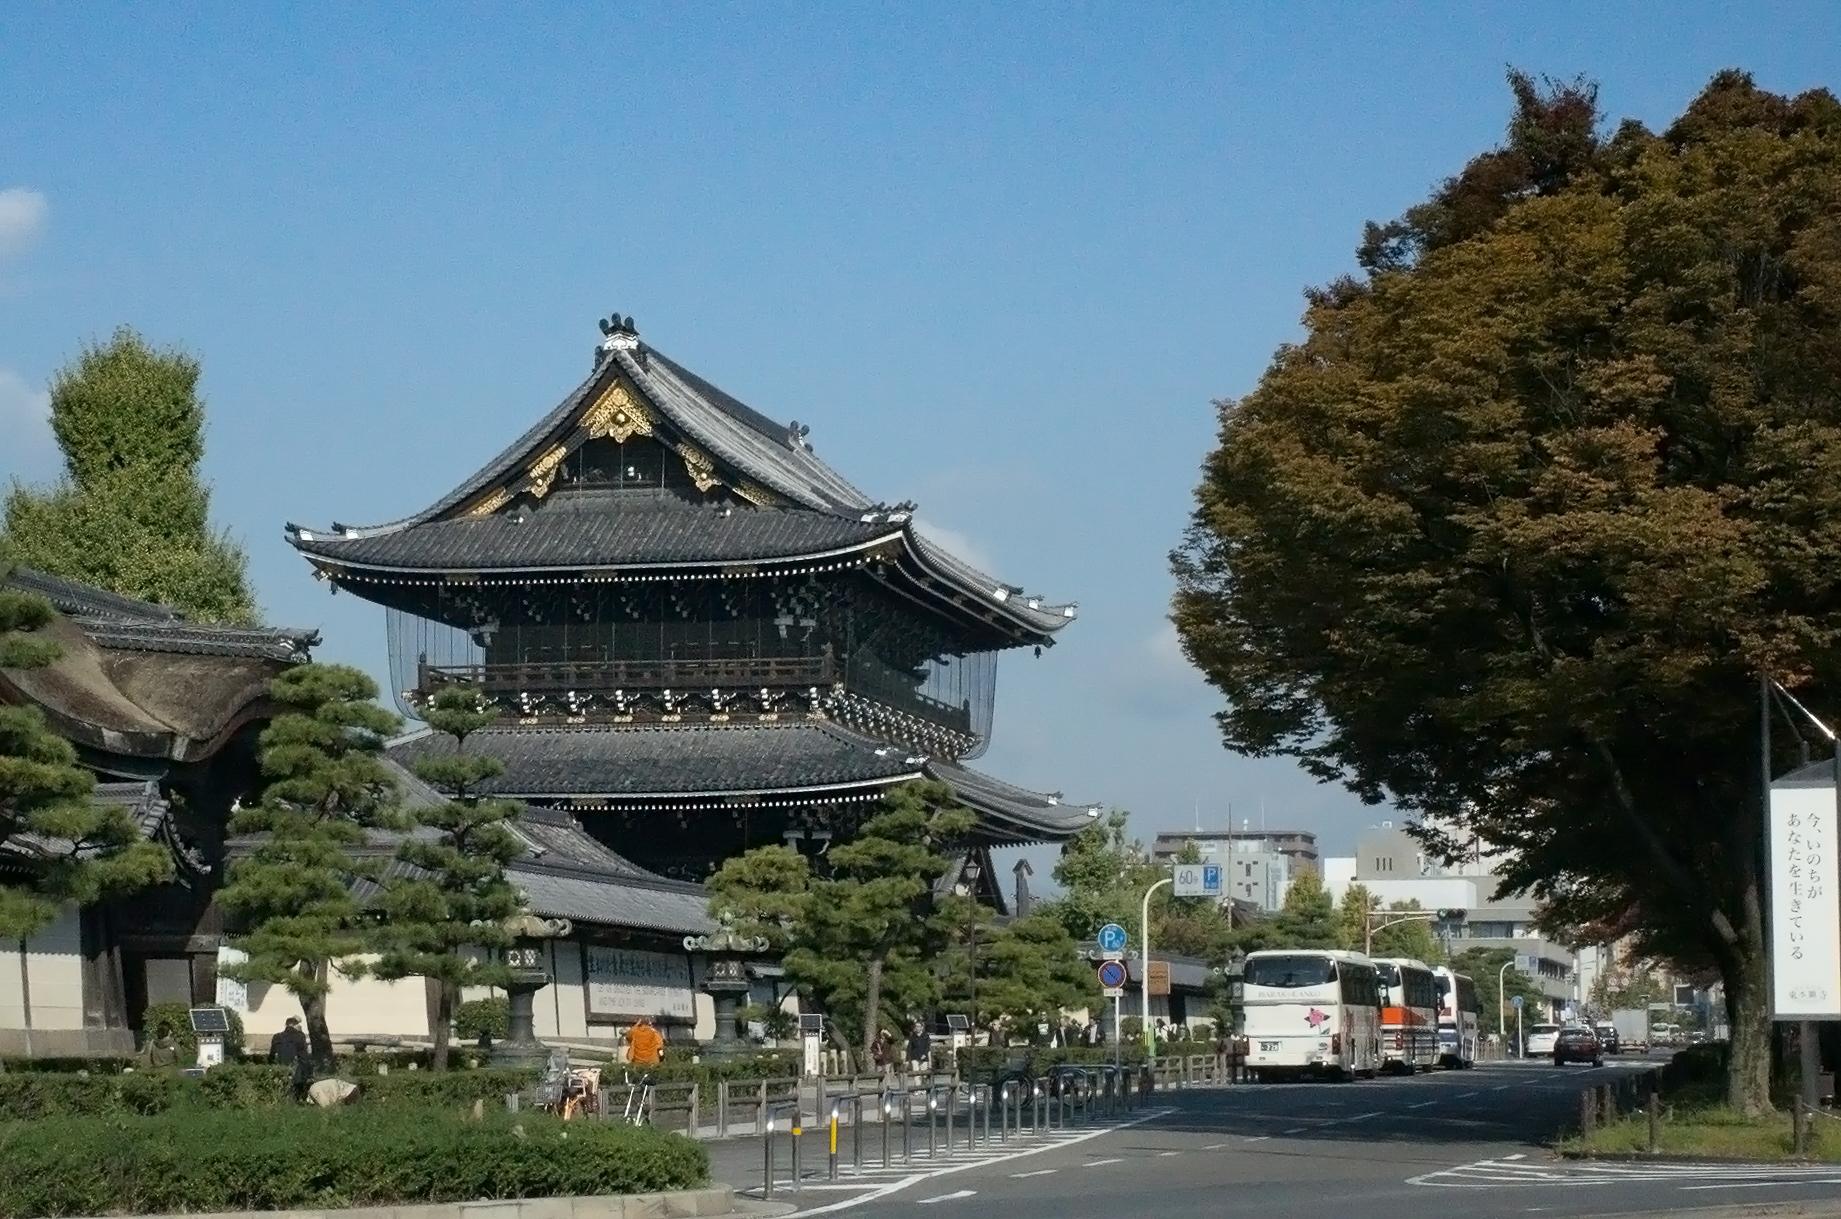 旅行 関西地方 神社仏閣